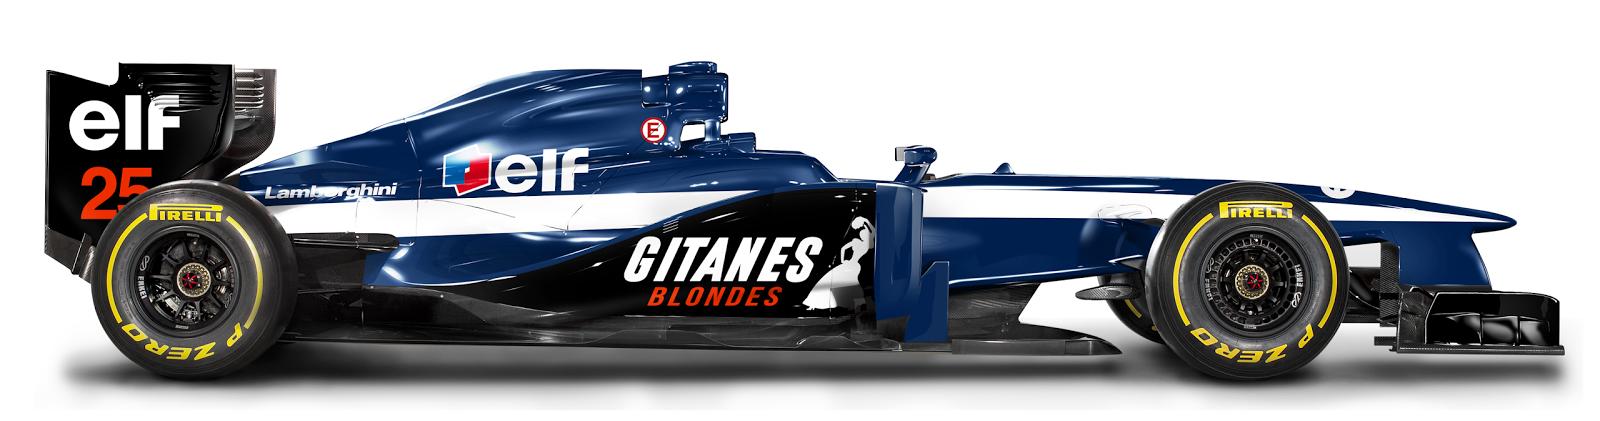 Retro F1 - Ligier 1991 | De Bastiani Design